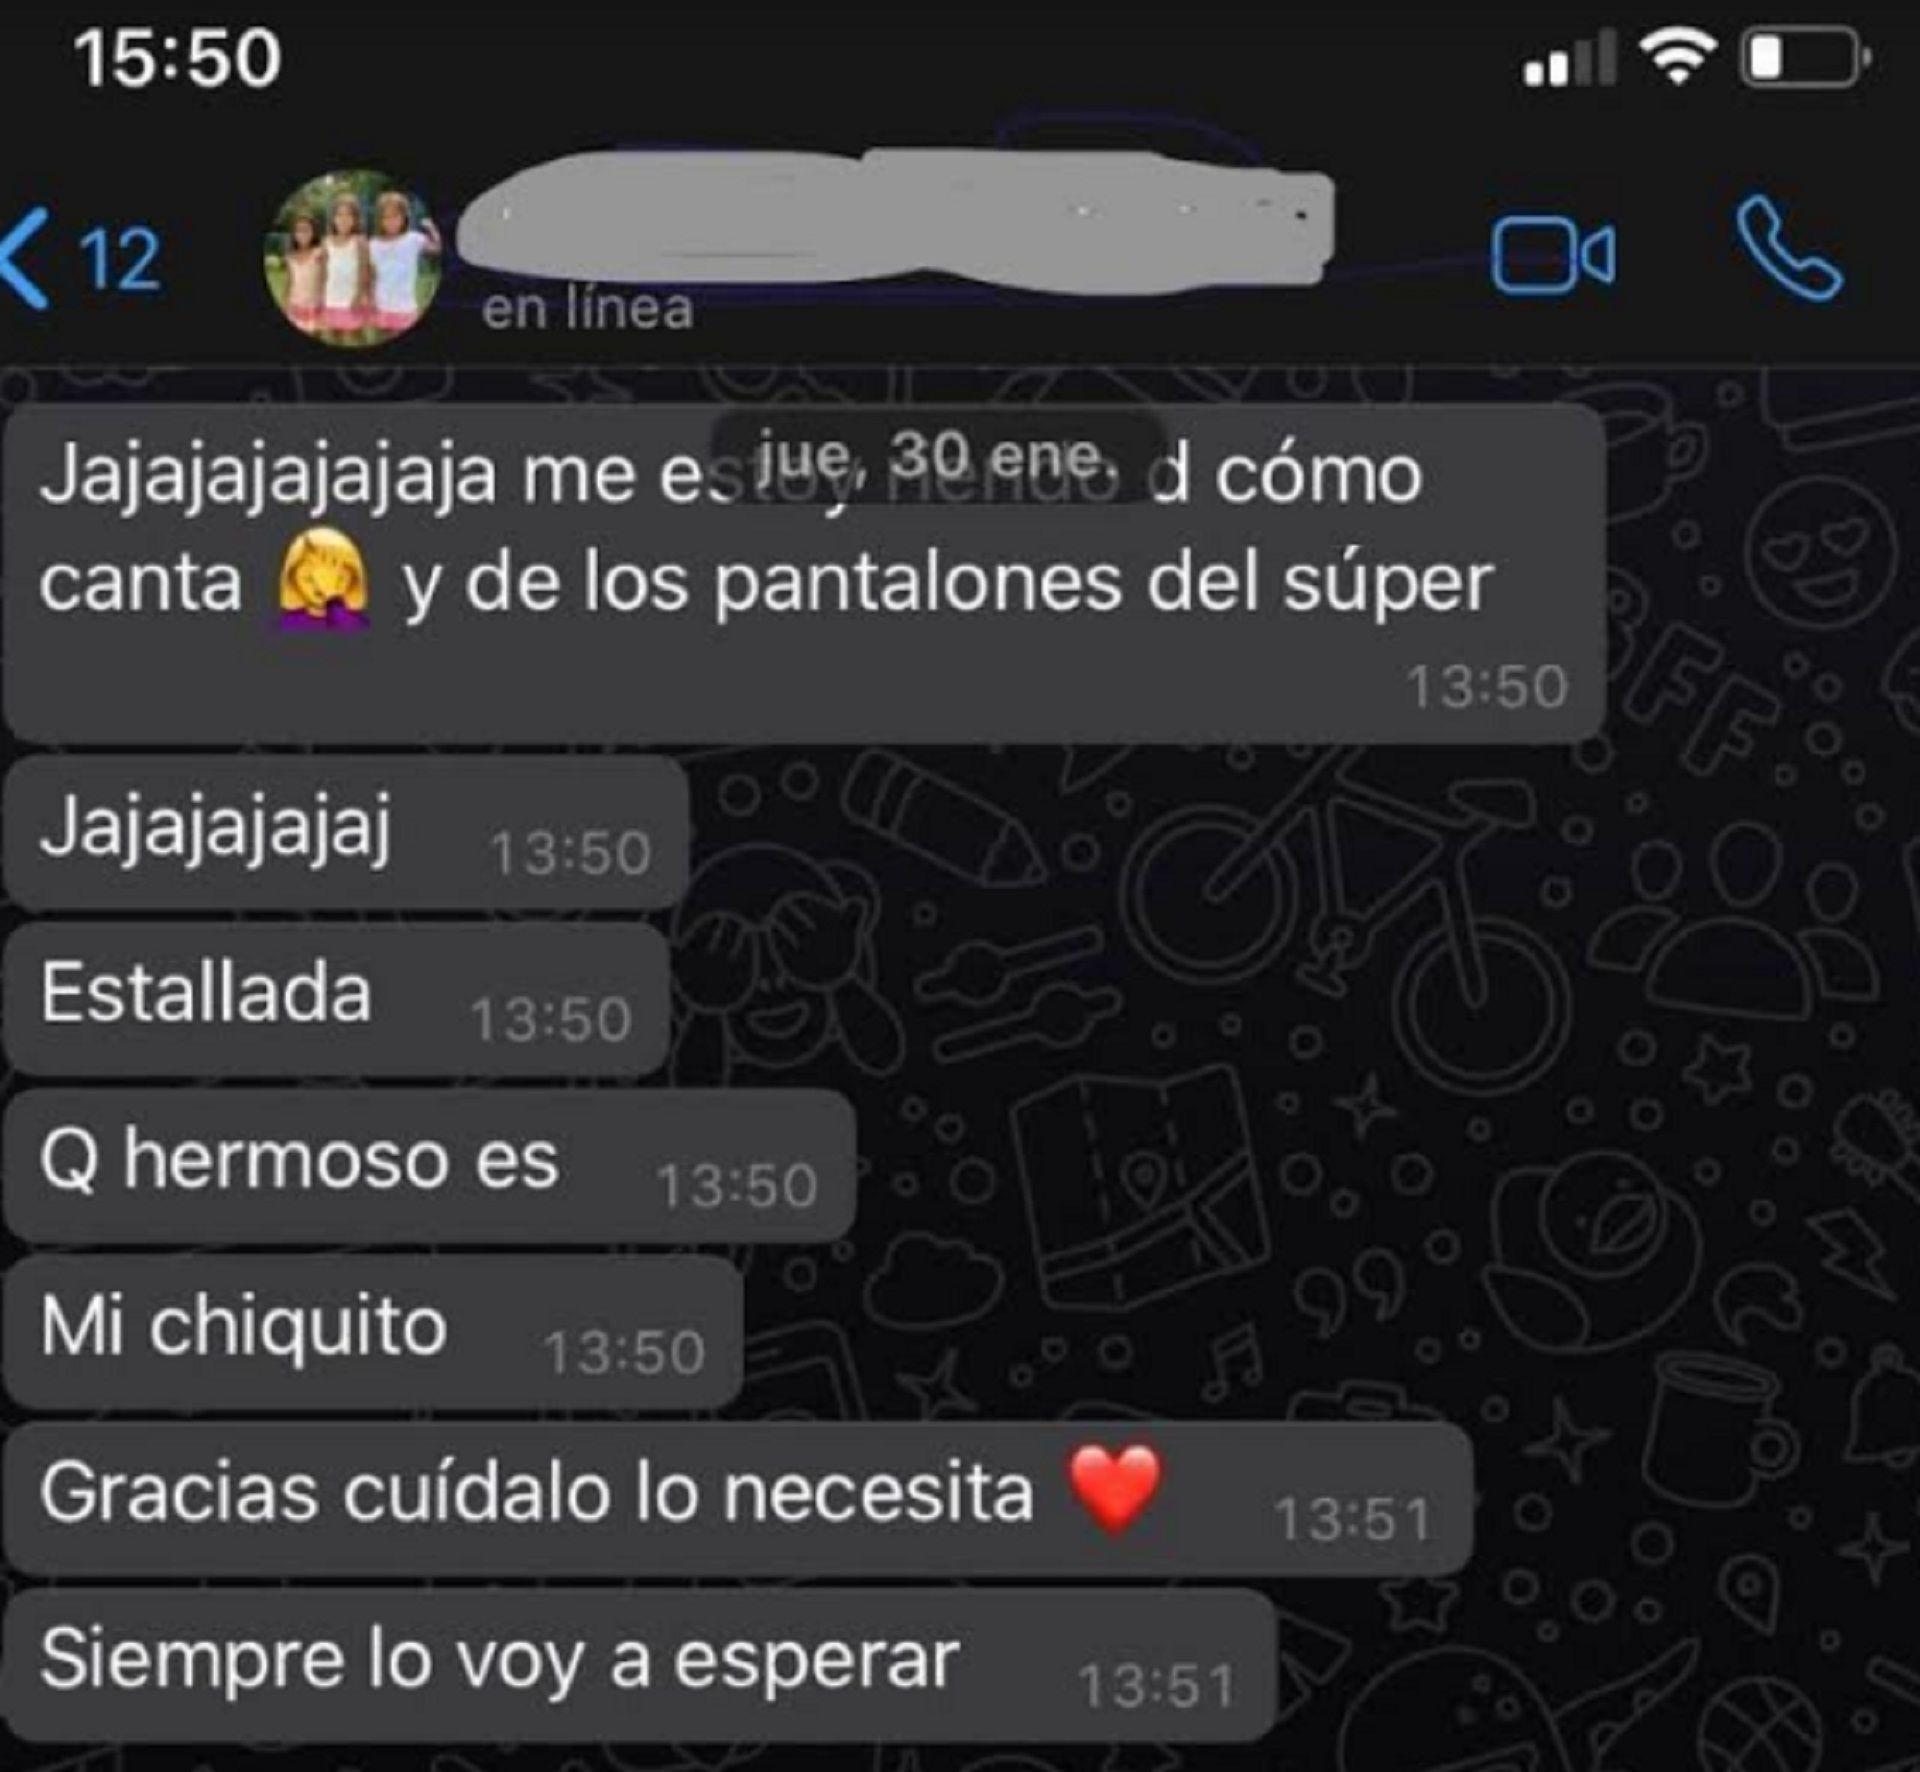 El chat privado y la declaración de amor de Cinthia Fernández a Martín Baclini antes de la crisis